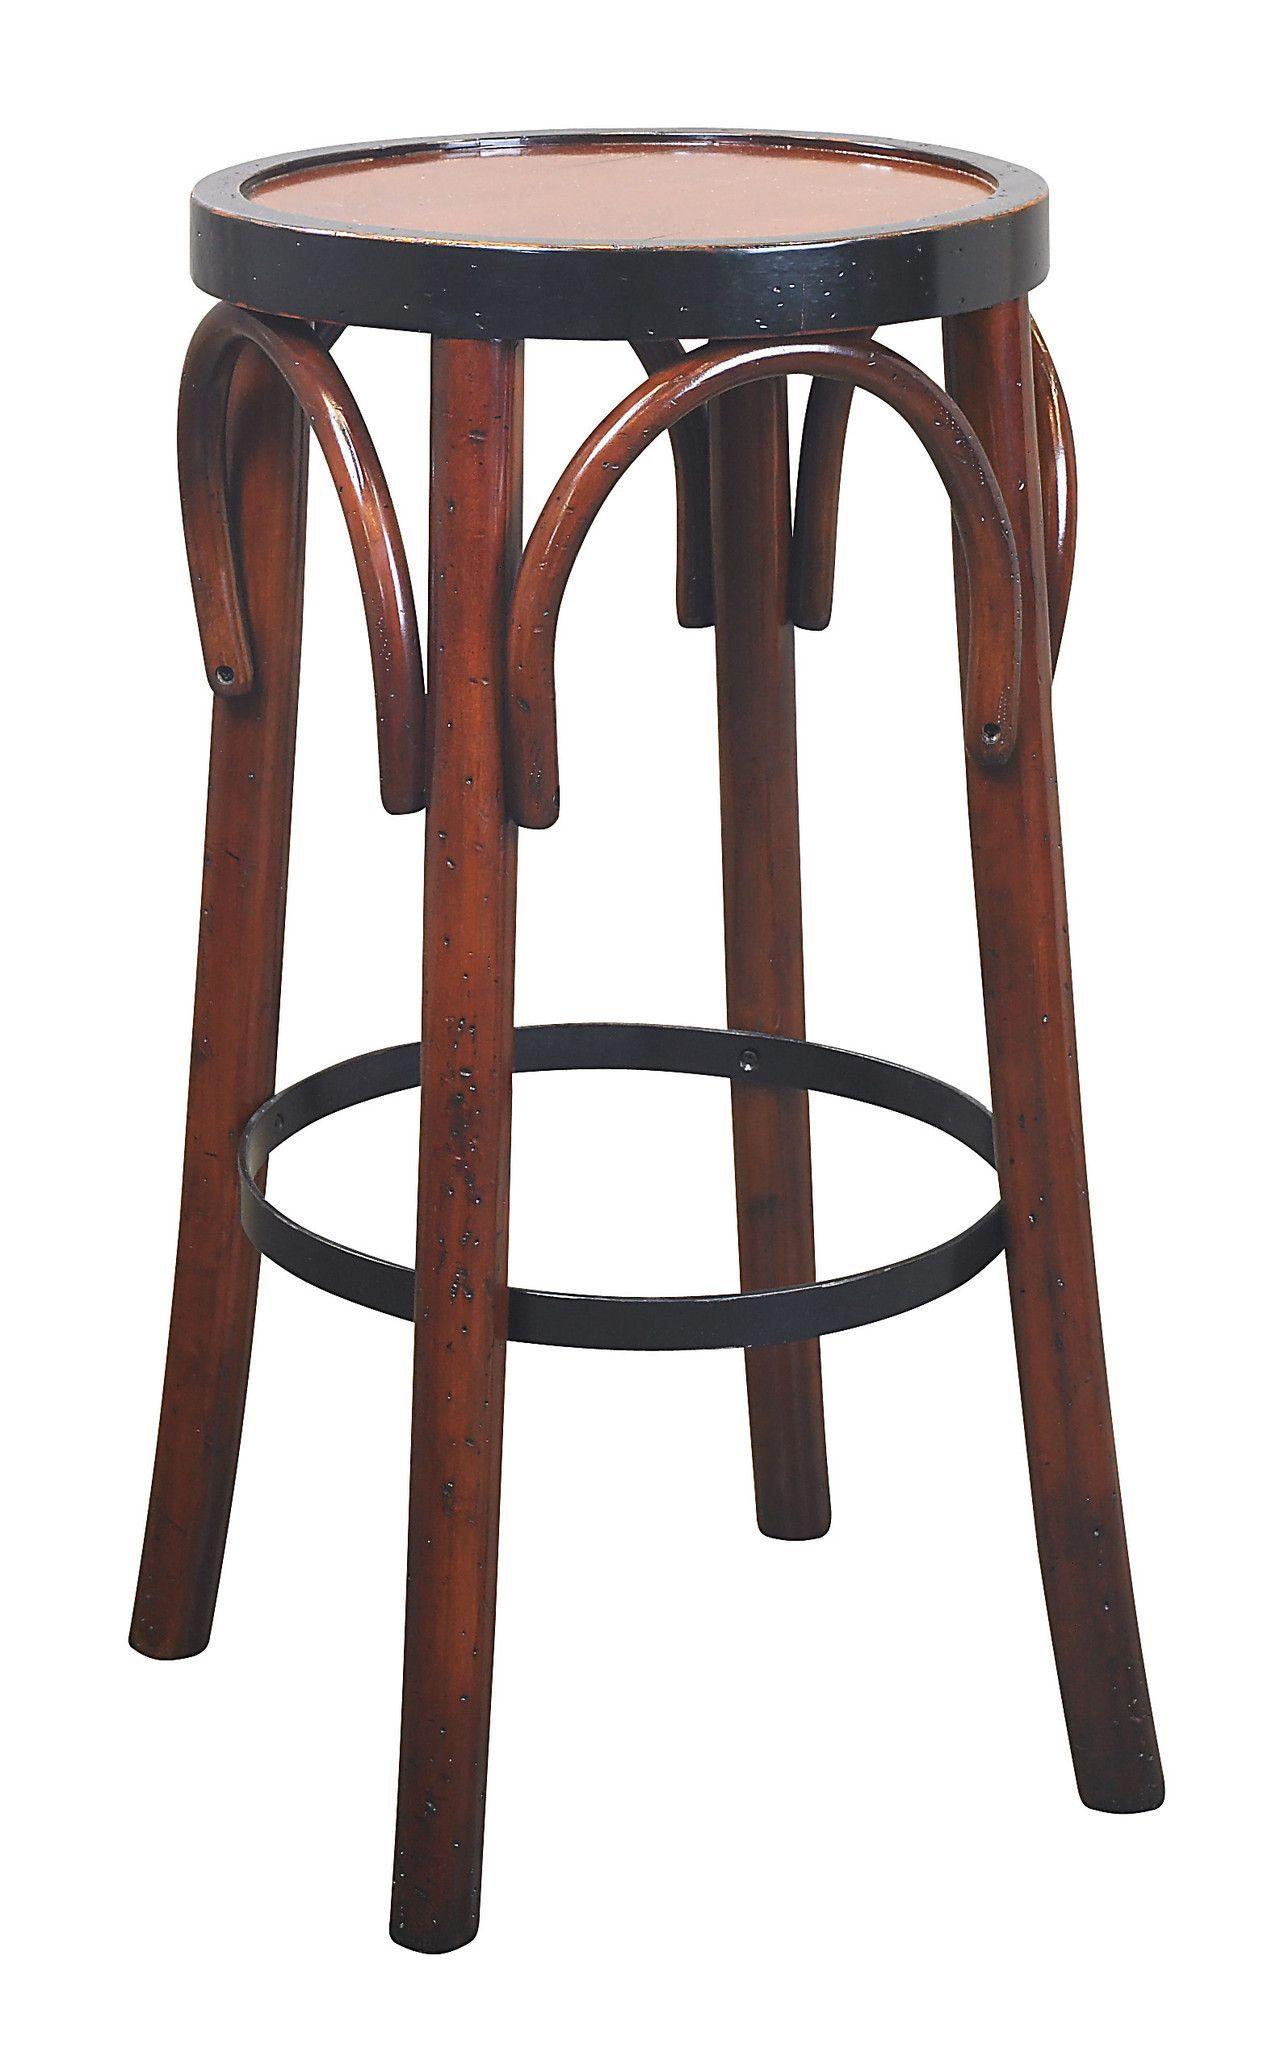 Saint Clair Shores Bar stools, Backless bar stools